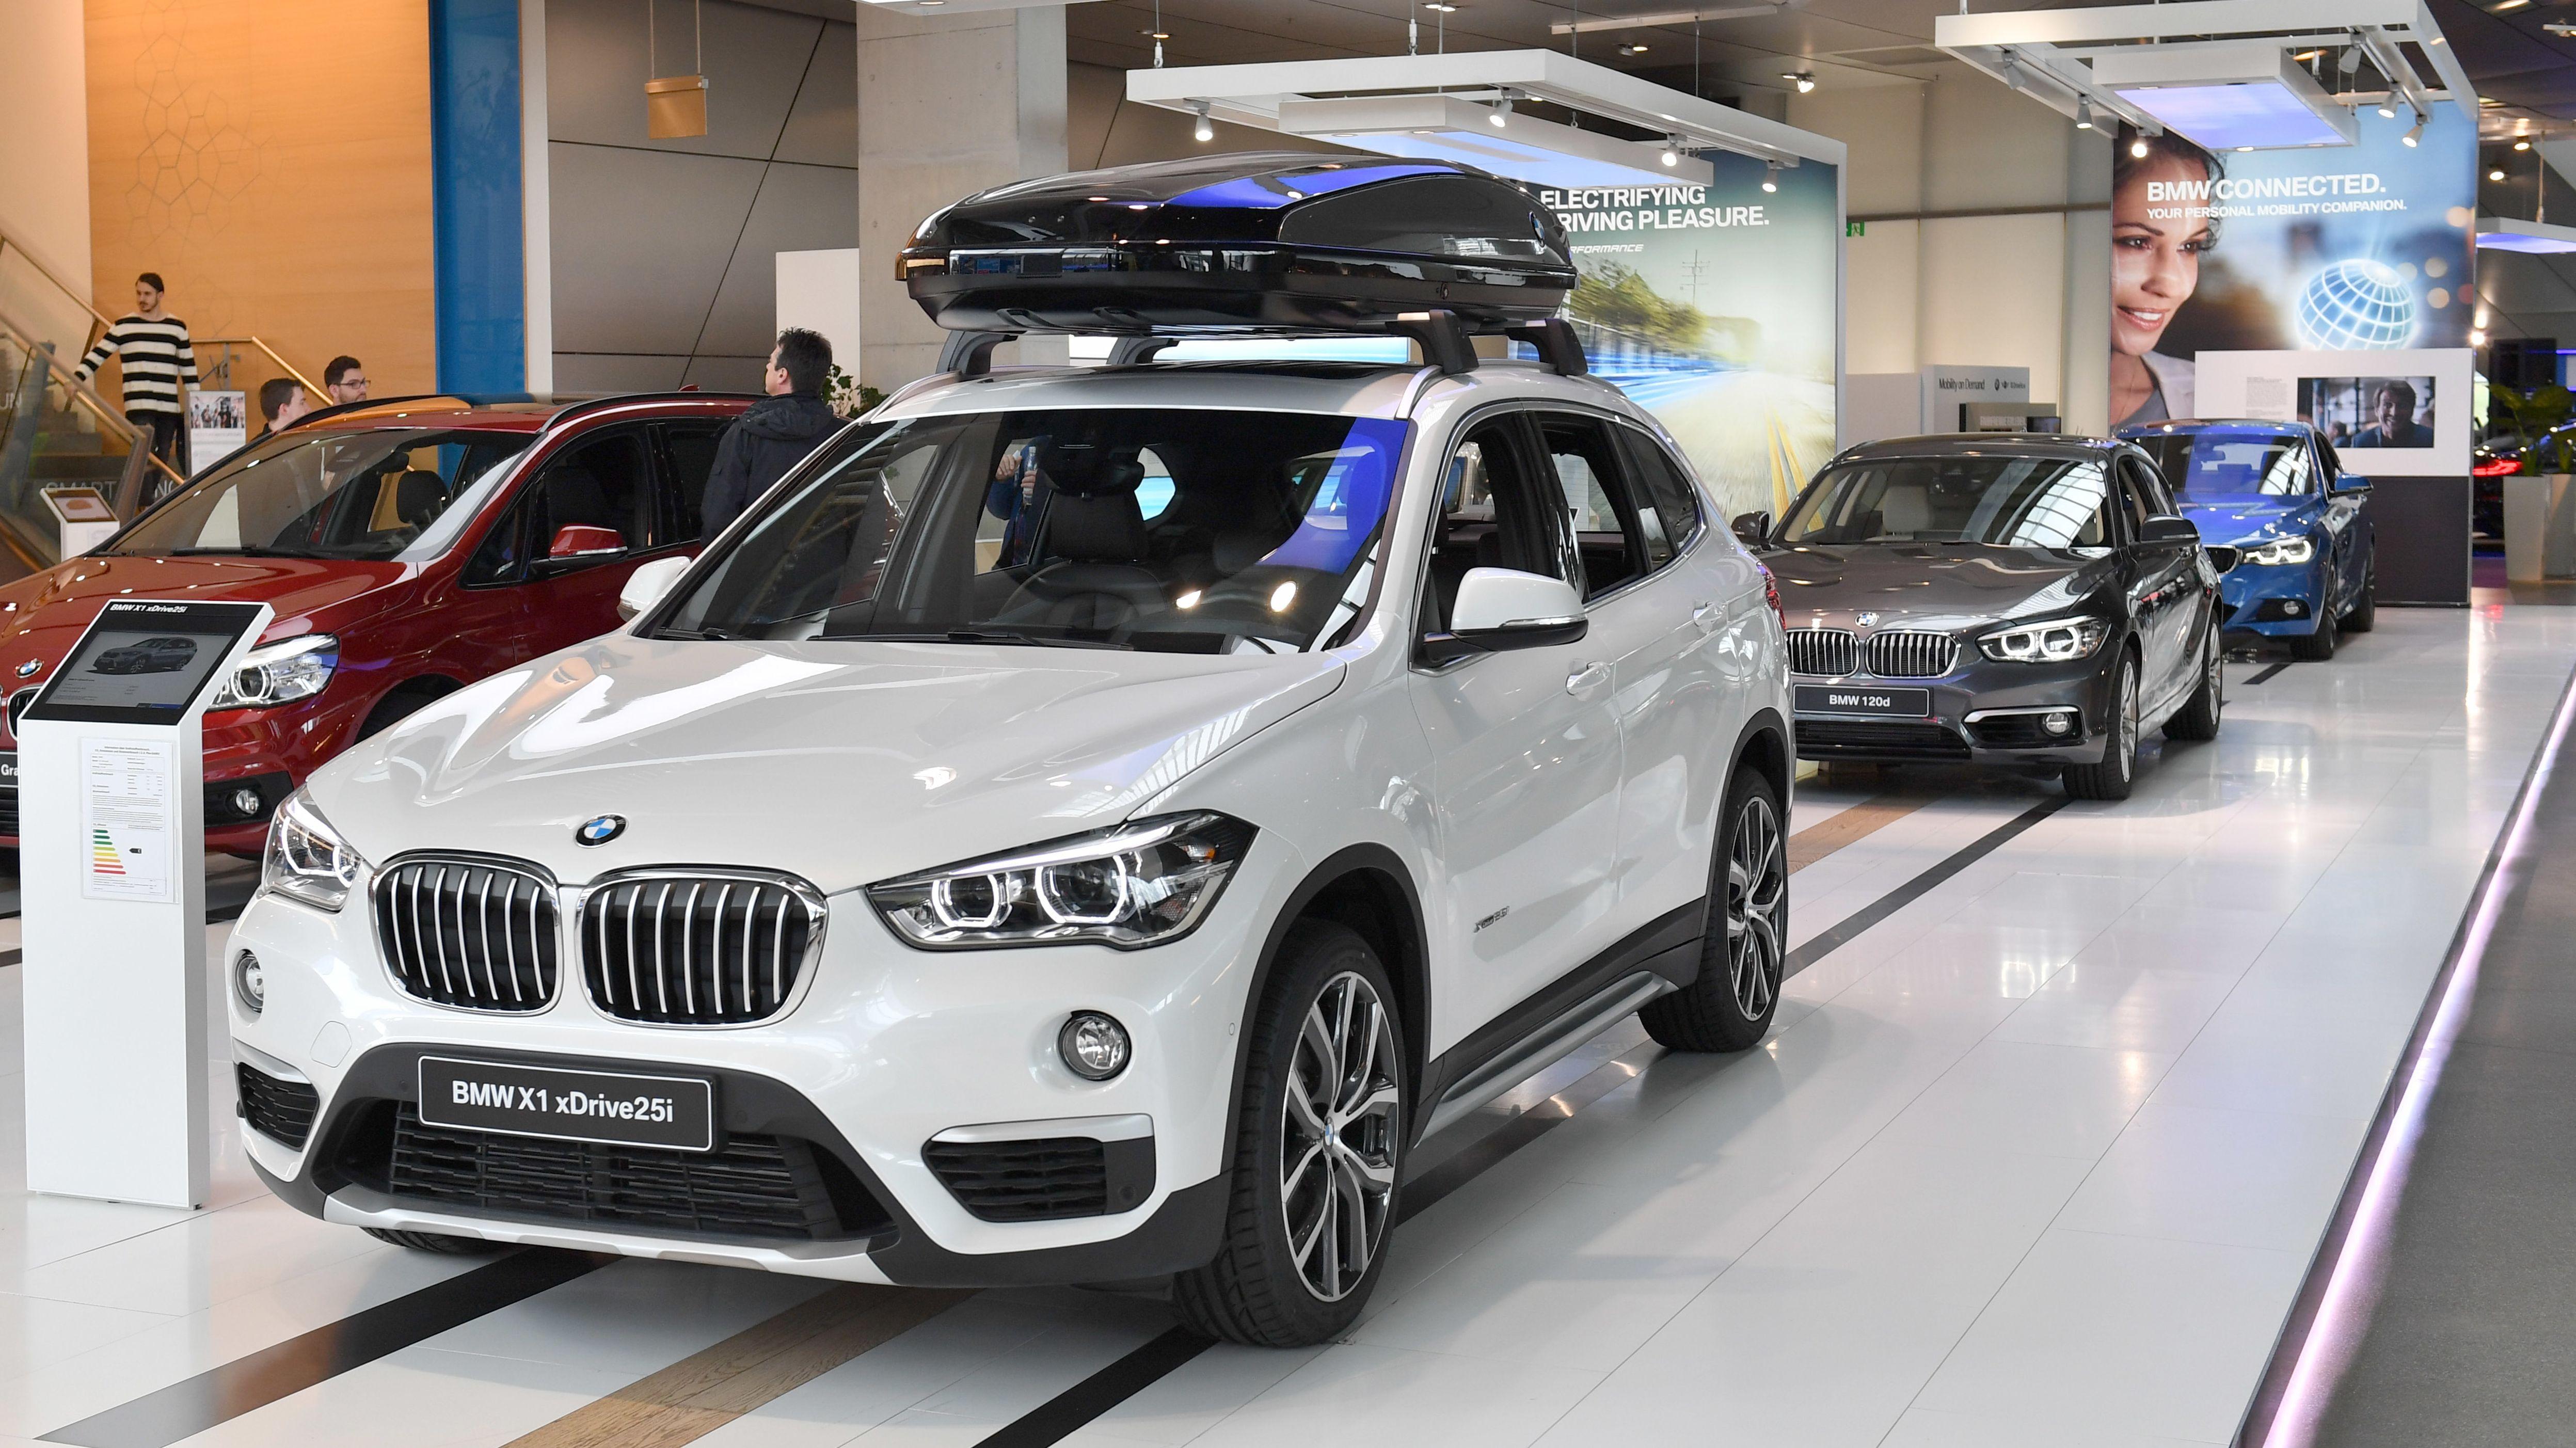 Symbolbild eines BMW X1